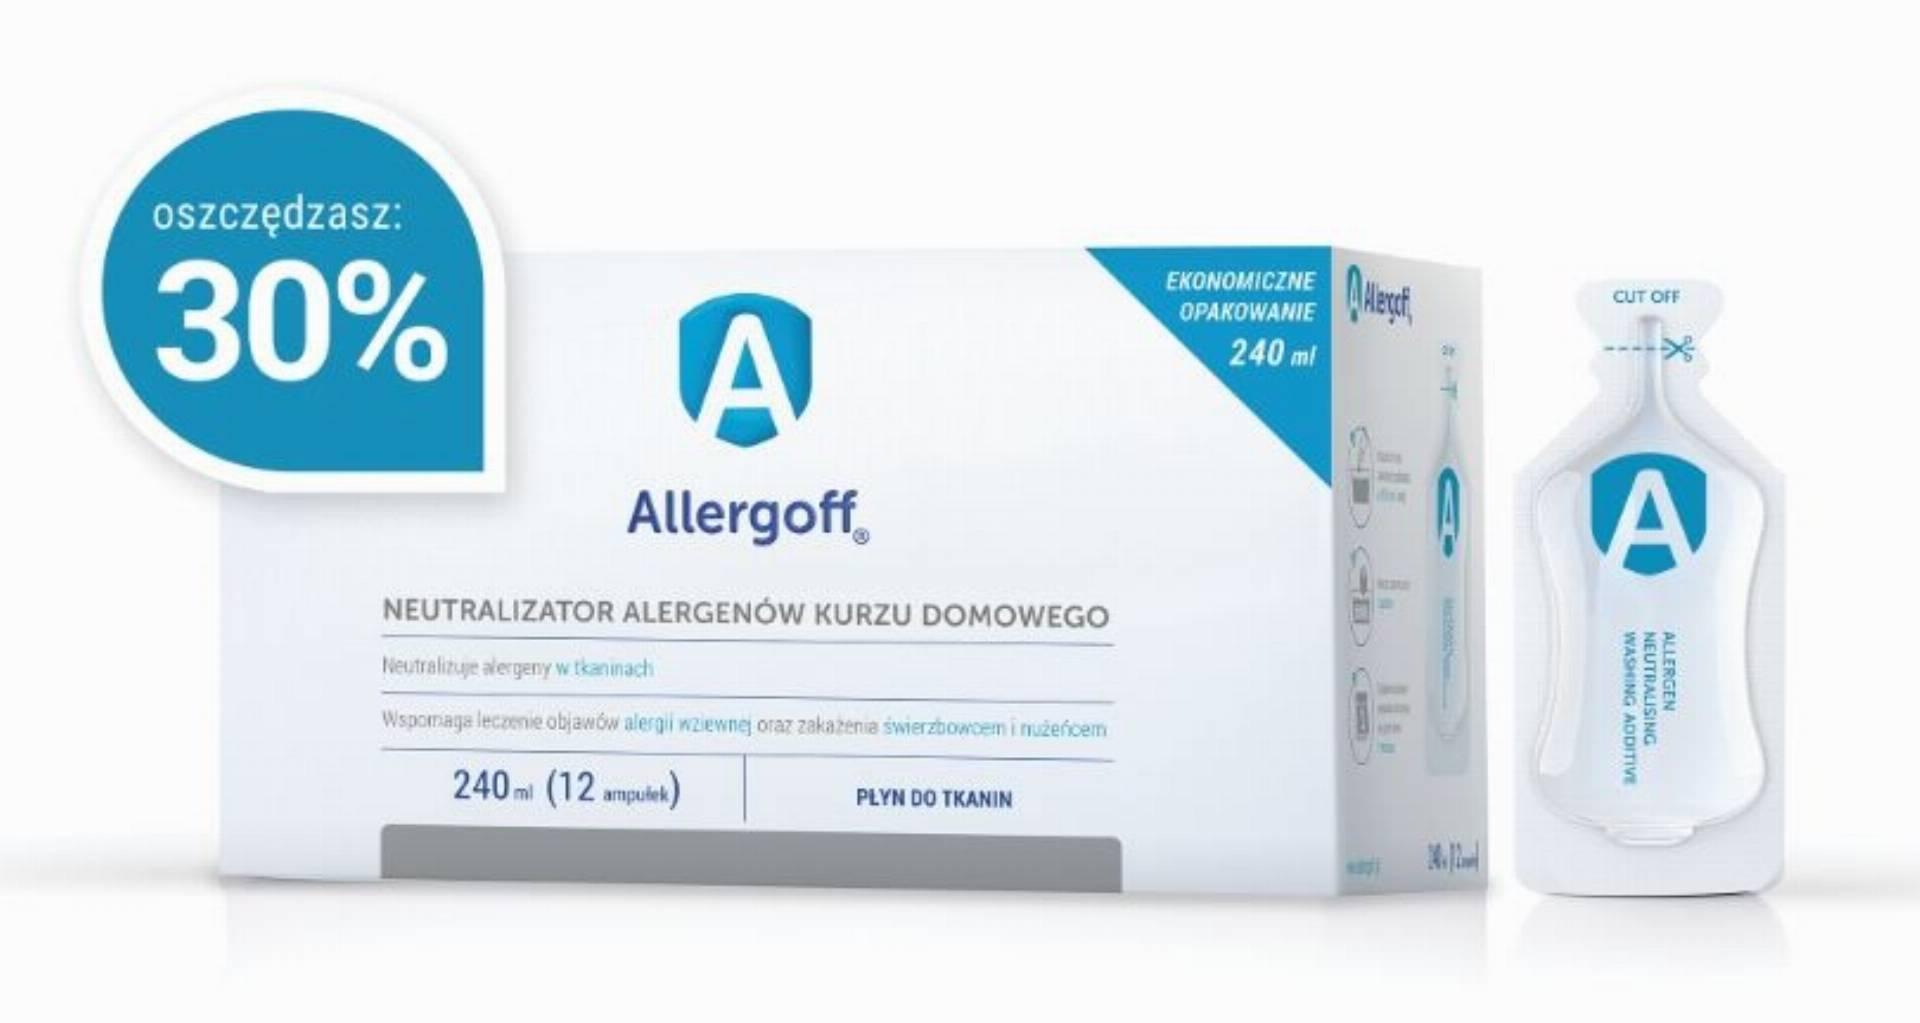 allergoff_neutralizator_plyn_do_tkanin_240ml12szt